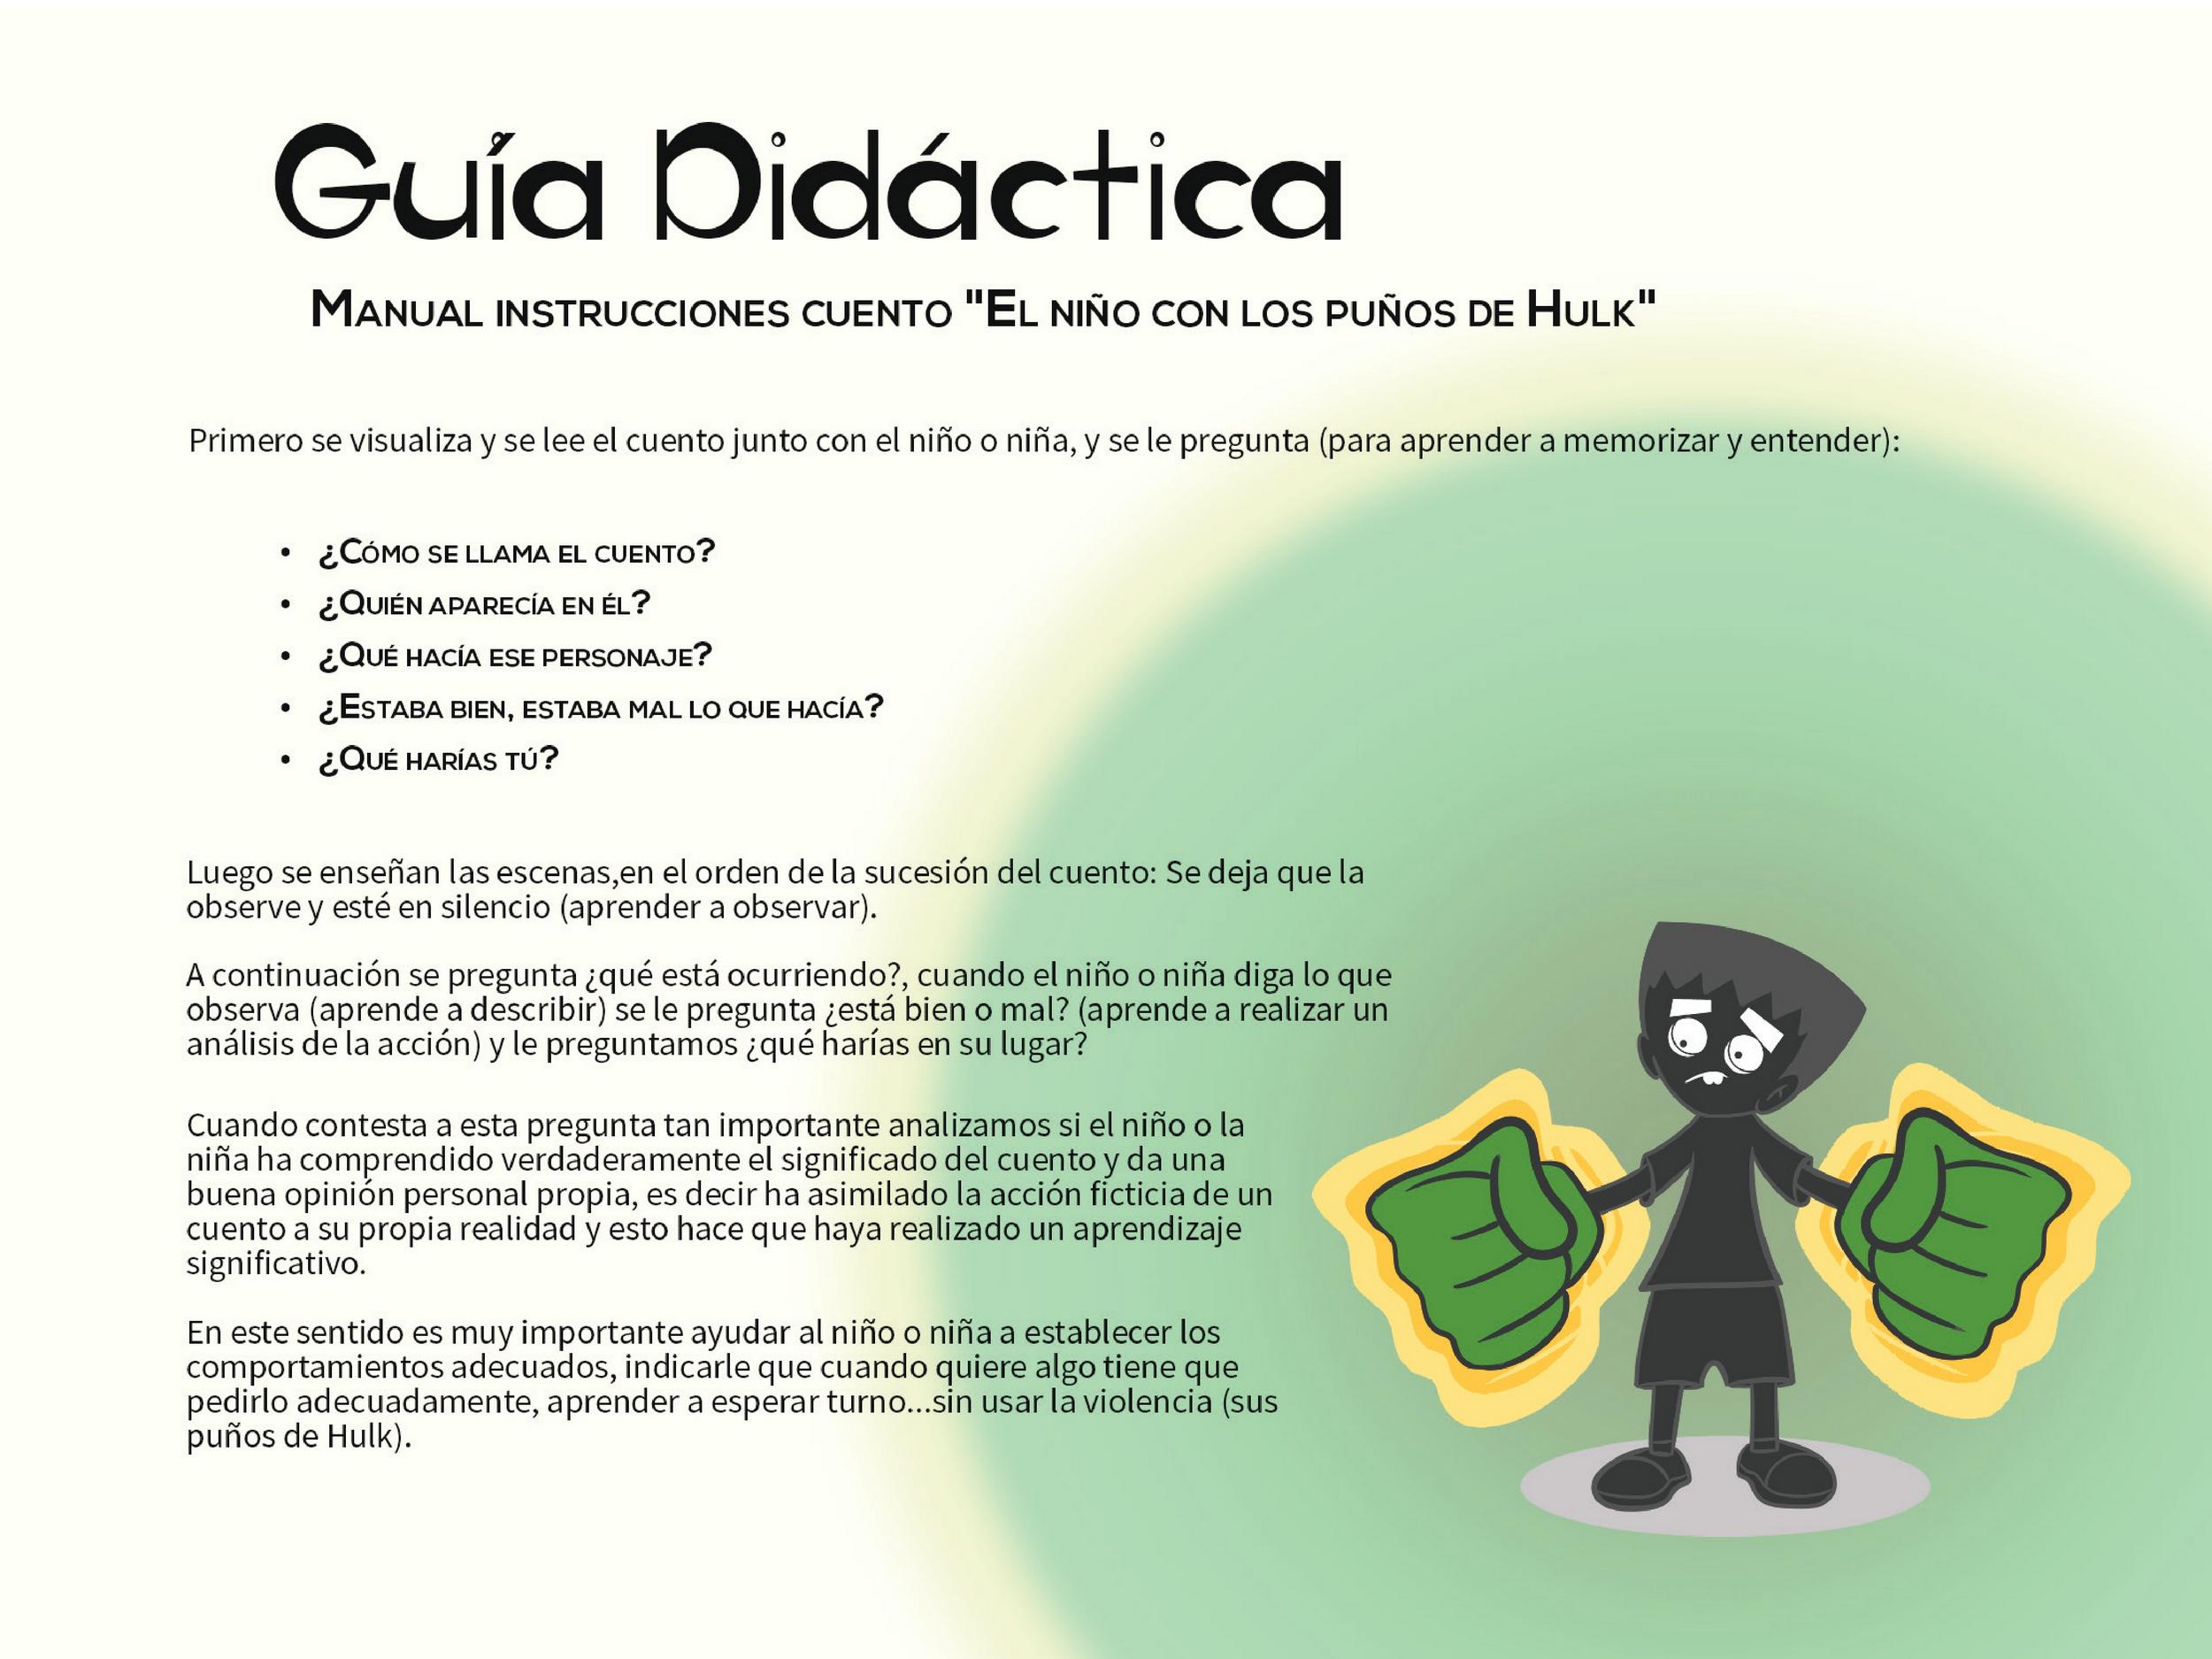 El_niño_puños_Hulk_Javi_Fernandez_Mañas_El niño con los puños de Hulk_page-0018_2500_0018